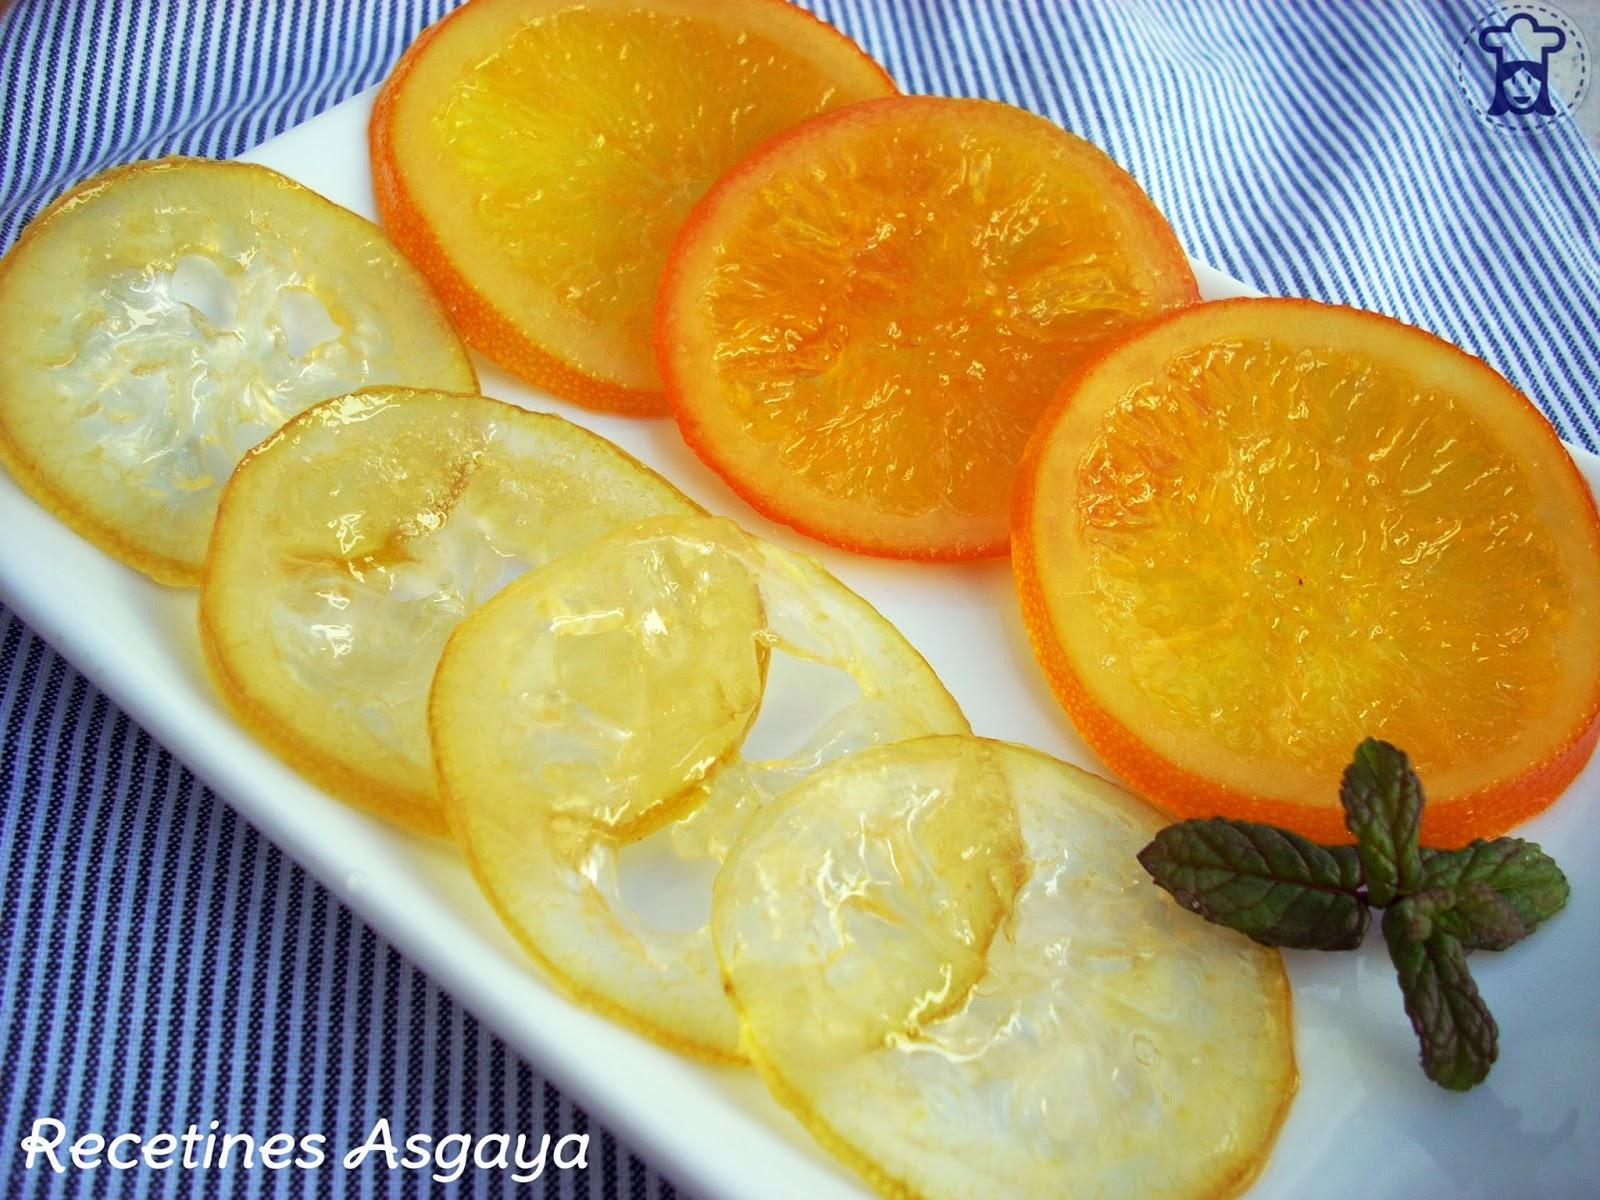 Naranja y lim n confitados recetines asgaya for Limonero sin limones